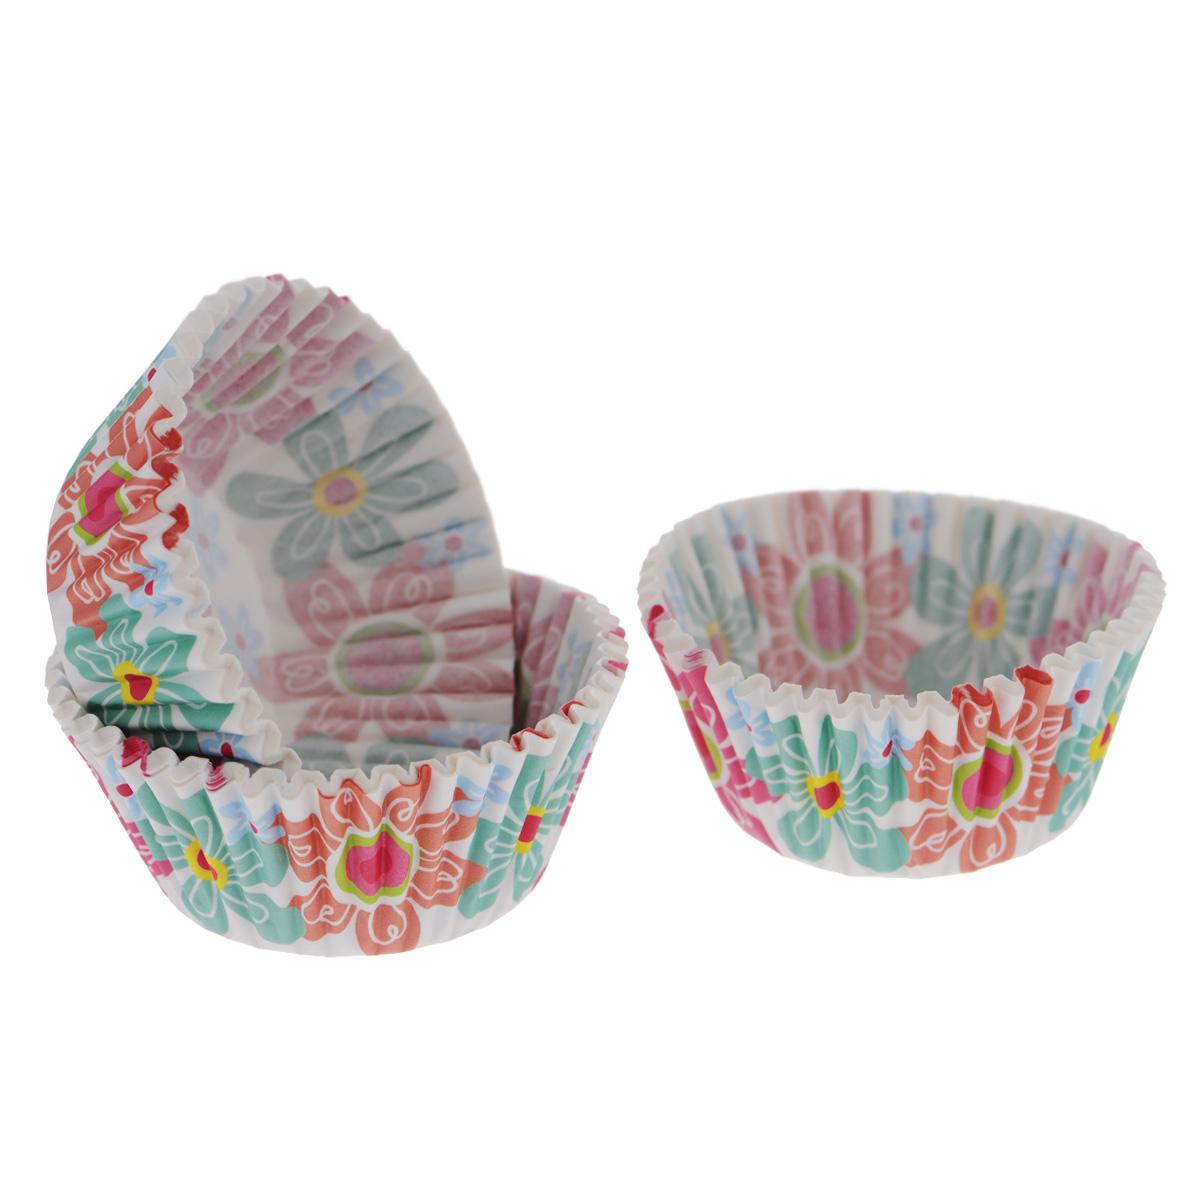 Набор бумажных форм для кексов Wilton Весна, диаметр 5 см, 75 штFS-91909Набор Wilton Весна состоит из 75 бумажных форм для кексов. Они предназначены для выпечки и упаковки кондитерских изделий, также могут использоваться для сервировки орешков, конфет и др. Формы не требуют предварительной смазки маслом или жиром. Для одноразового применения. Гофрированные бумажные формы идеальны для выпечки кексов, булочек и пирожных. Высота стенки: 3 см. Комплектация: 75 шт.